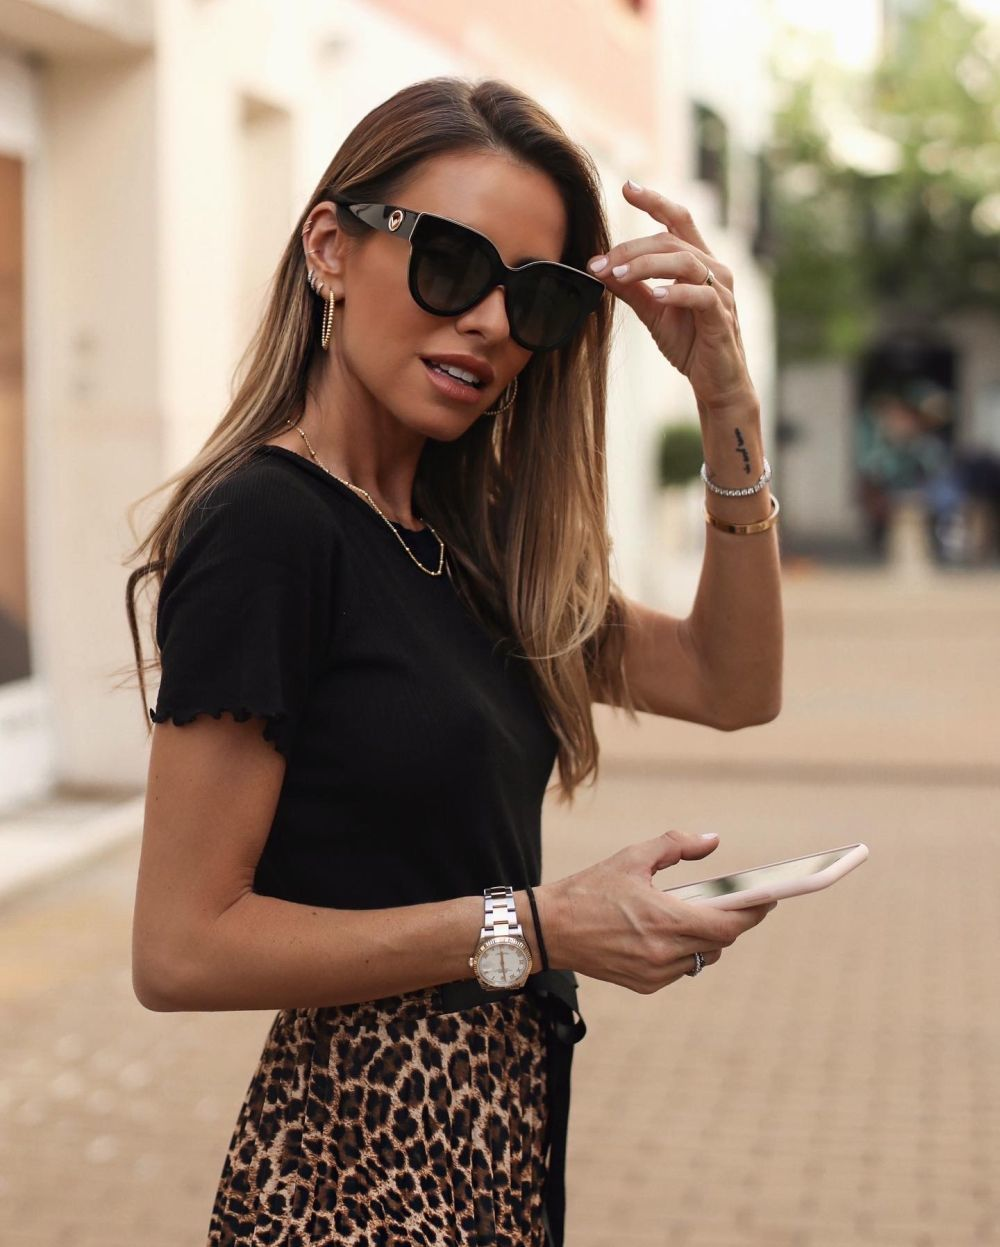 La influencer Marta Carriedo que cuenta con más de 500K seguidores en Instagram.